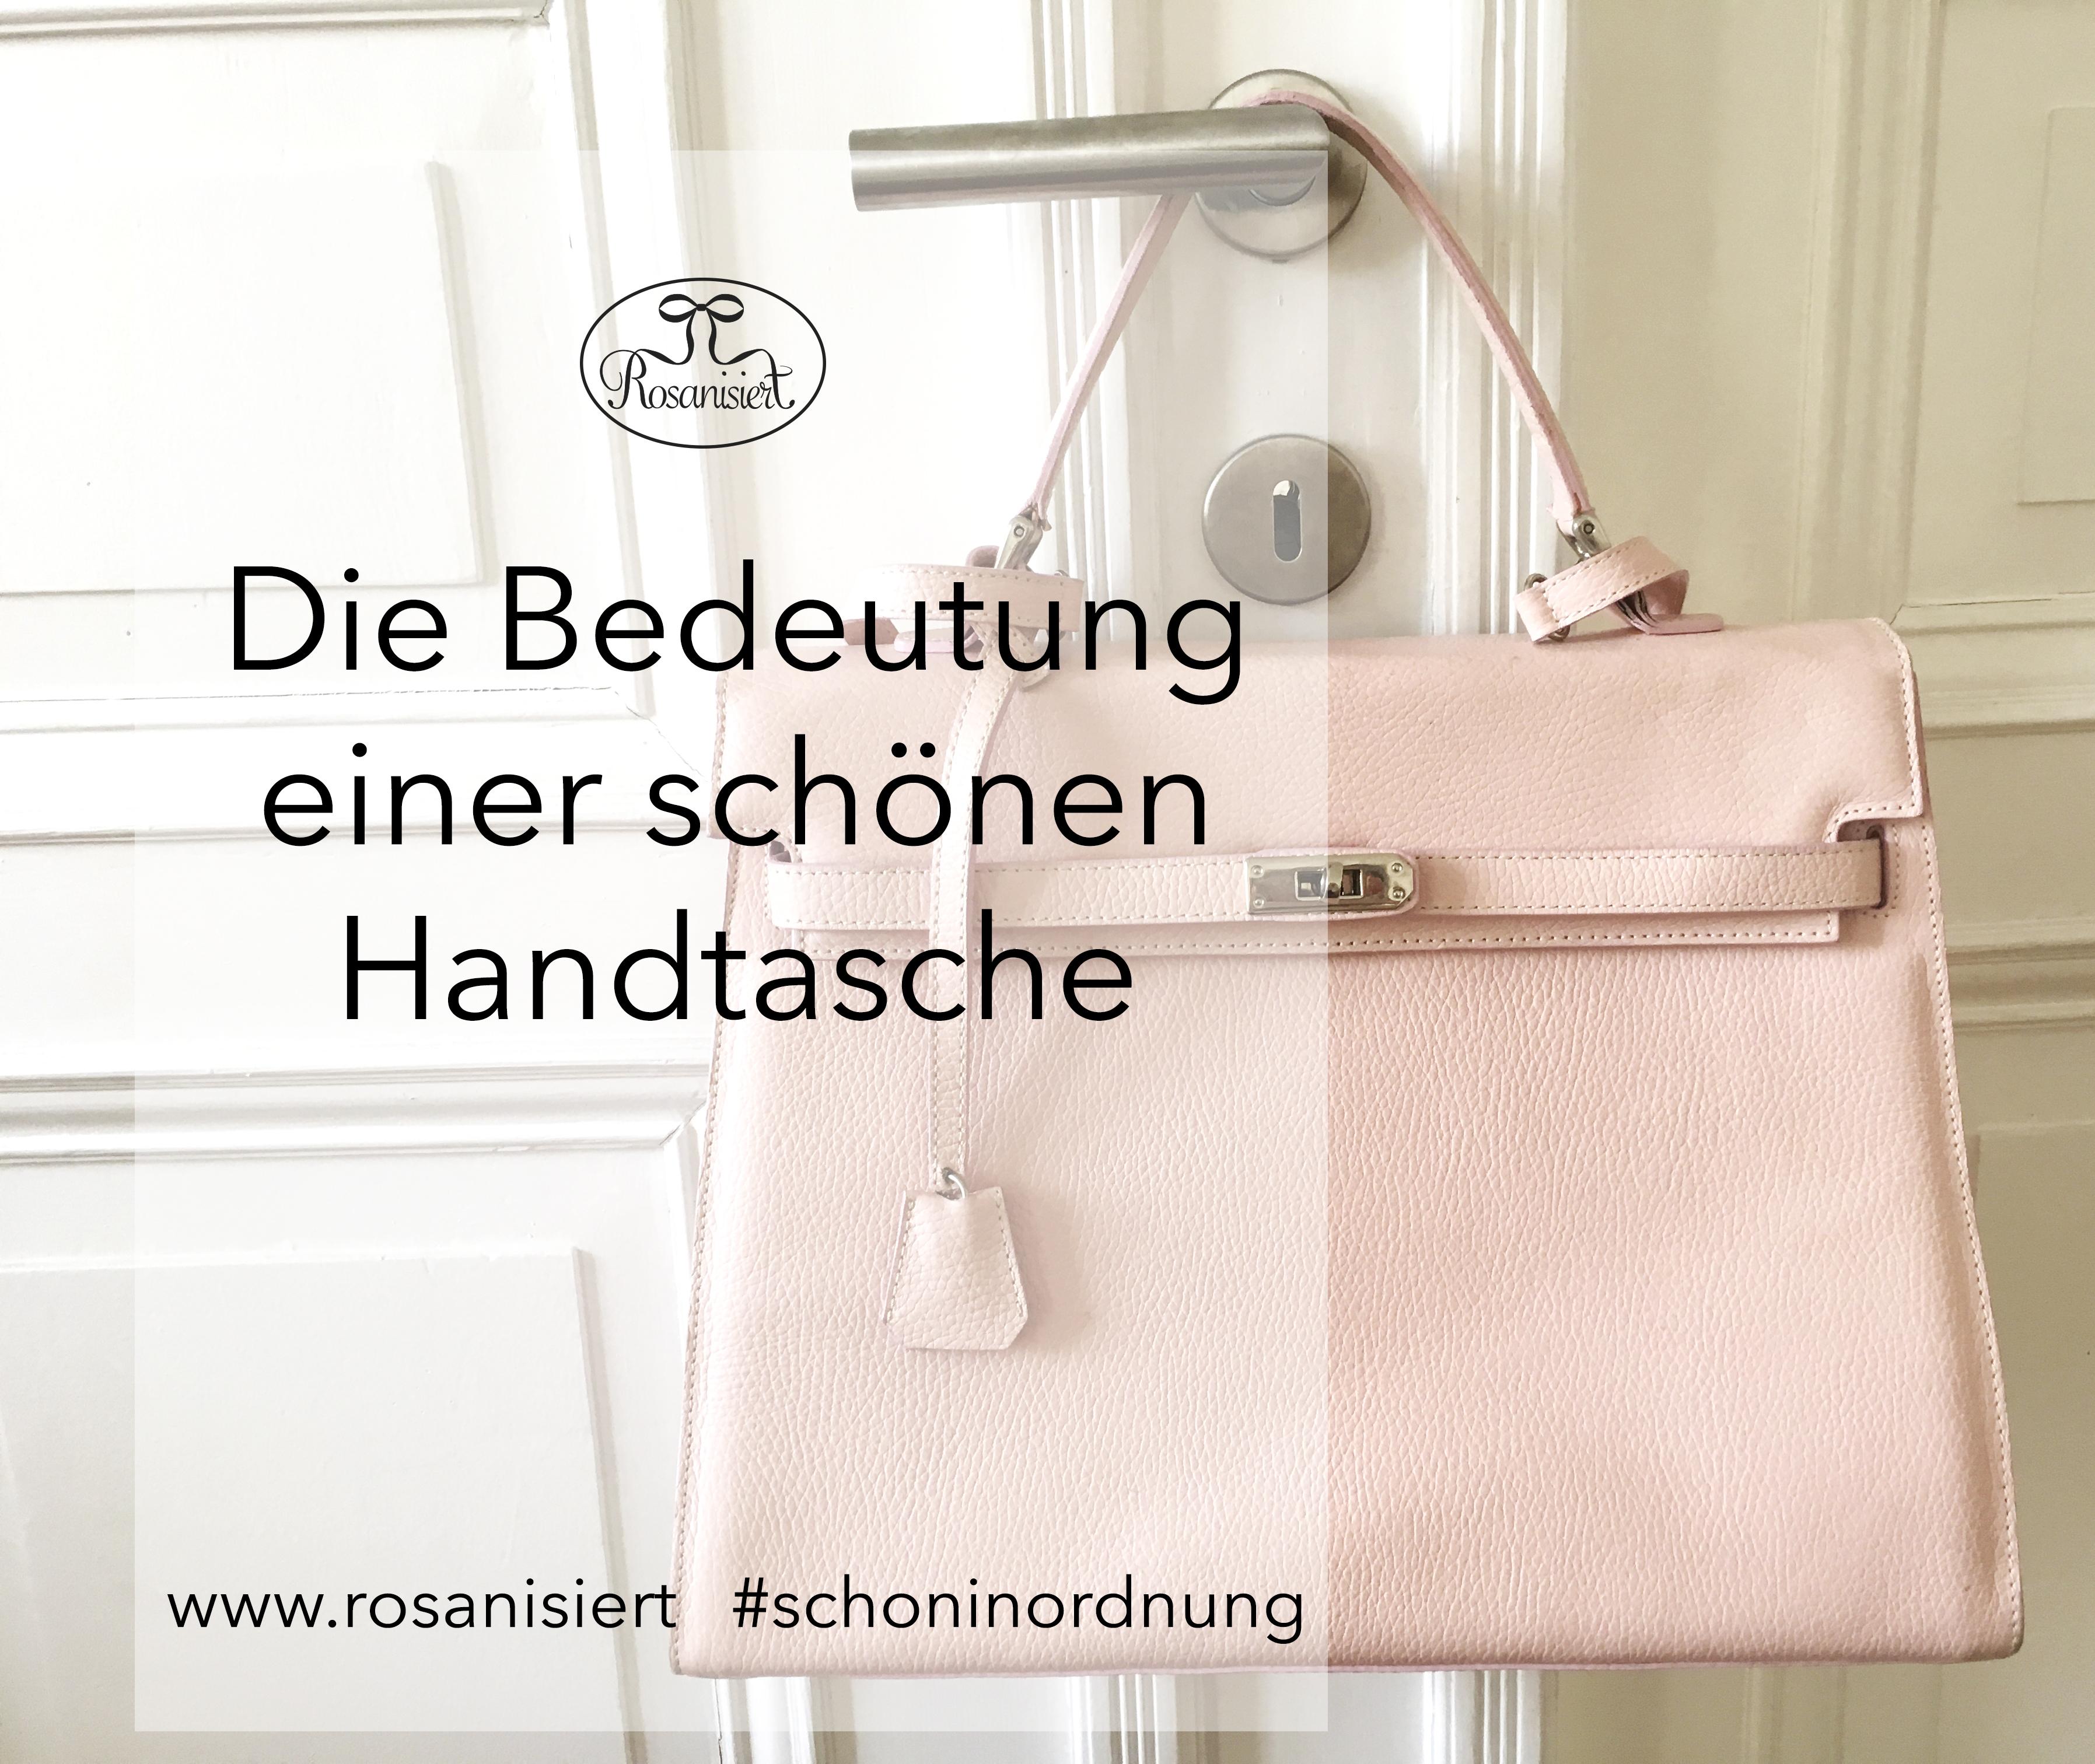 Die Bedeutung einer schönen Handtasche Rosanisiert